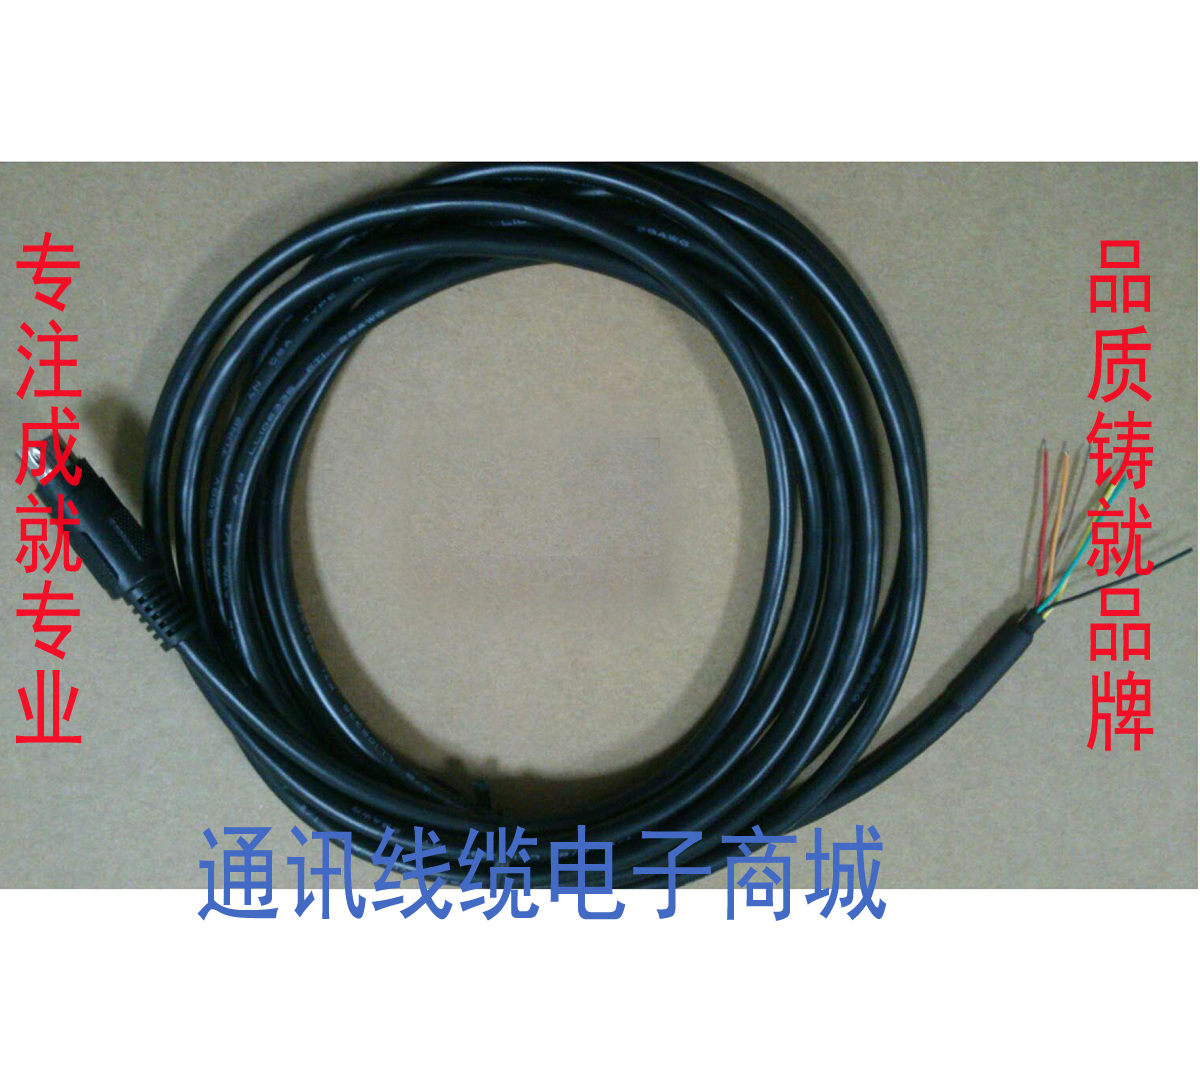 松下GT32タッチパネルと三菱FXシリーズplc接続線AIGT8175通信ケーブル